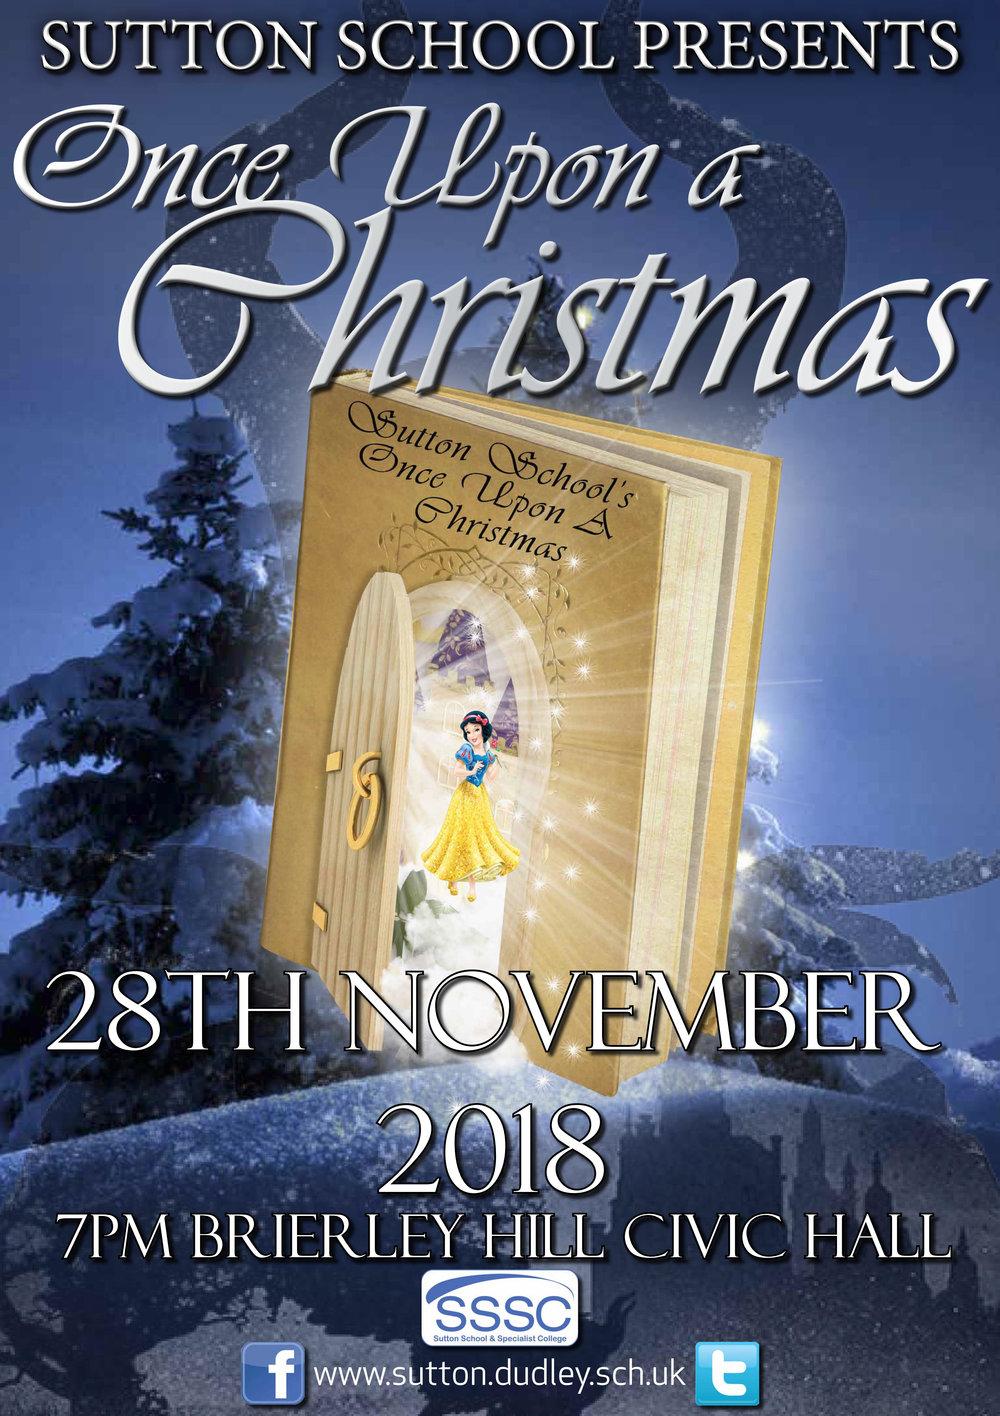 Once Upon a Christmas Poster.jpg